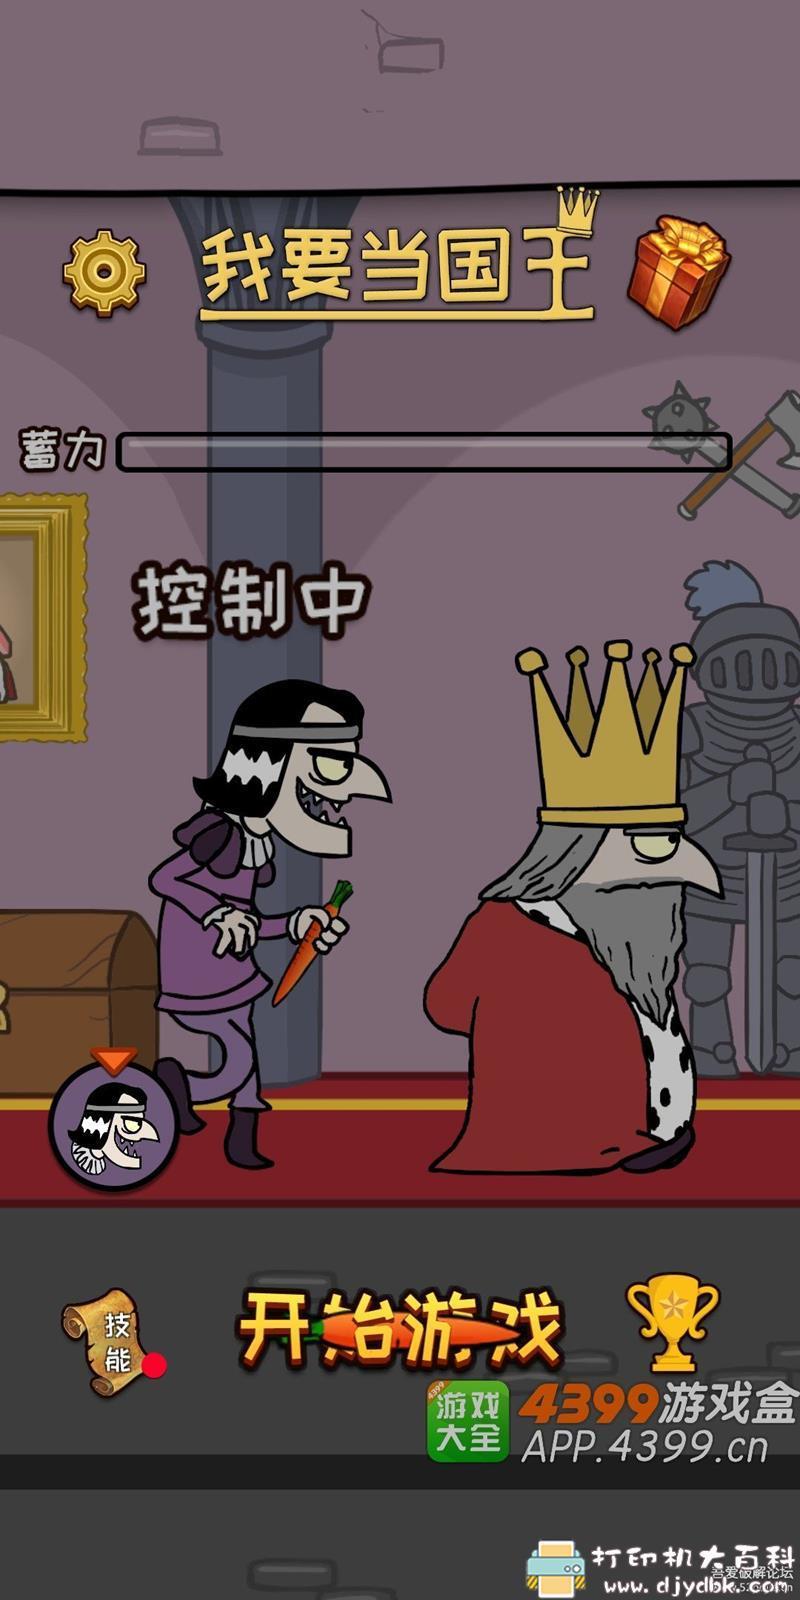 安卓游戏分享 休闲益智《我要当国王》图片